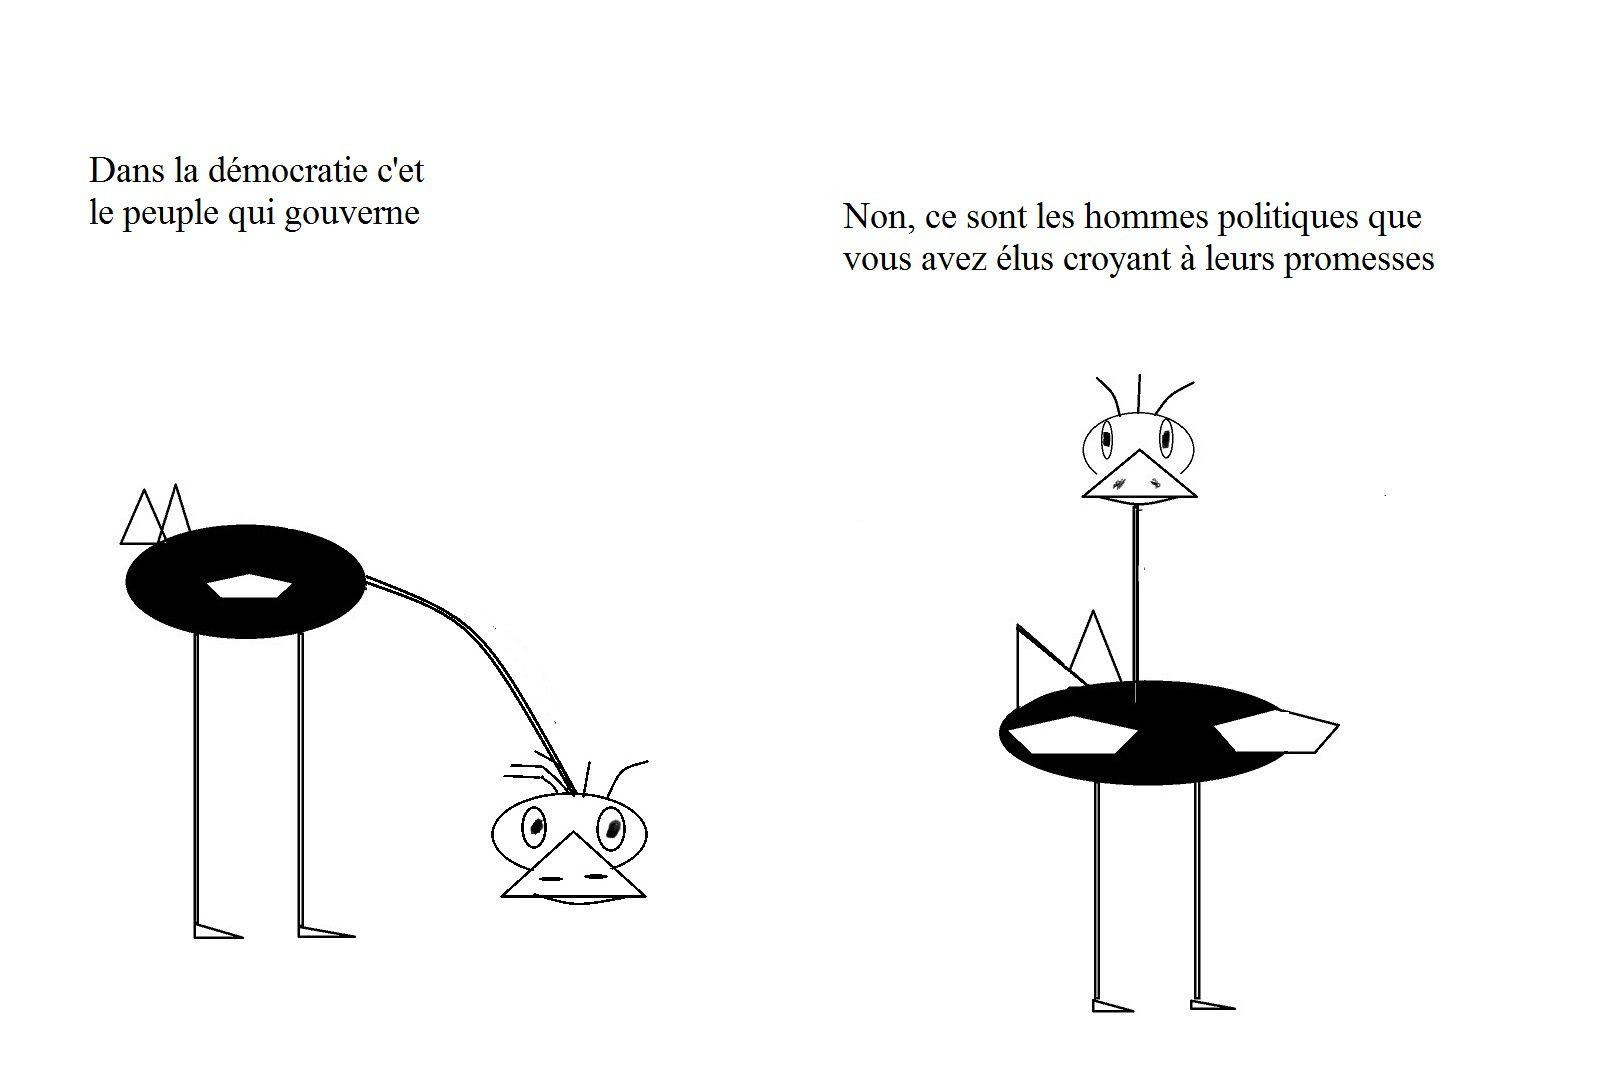 La démocratie est la pire forme de gouvernement totalitaire, à l'exception de tous les autres. Churchill.